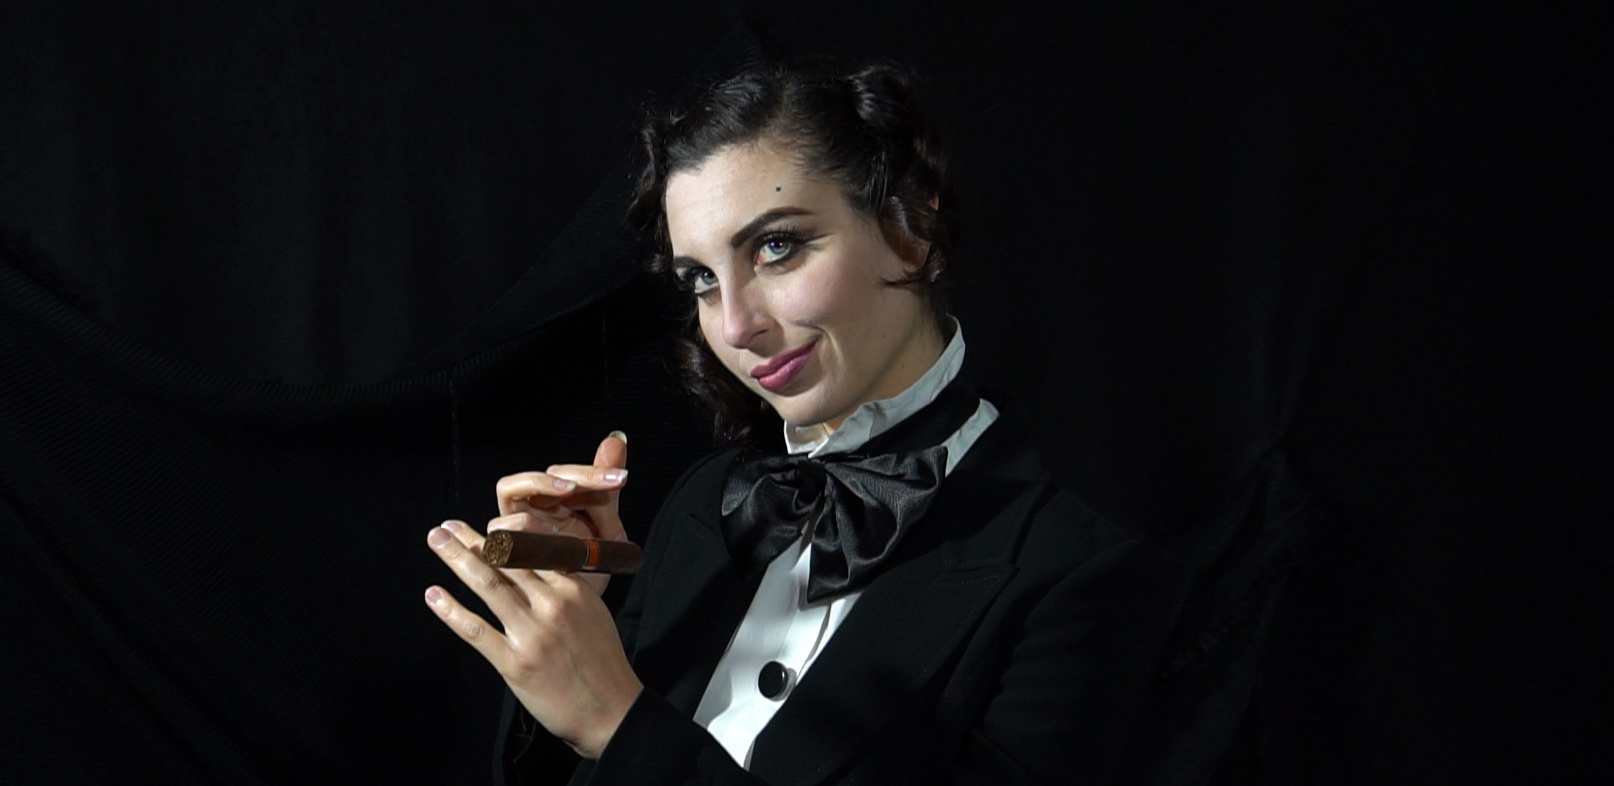 ragazza-sorride-sigaro-papillon